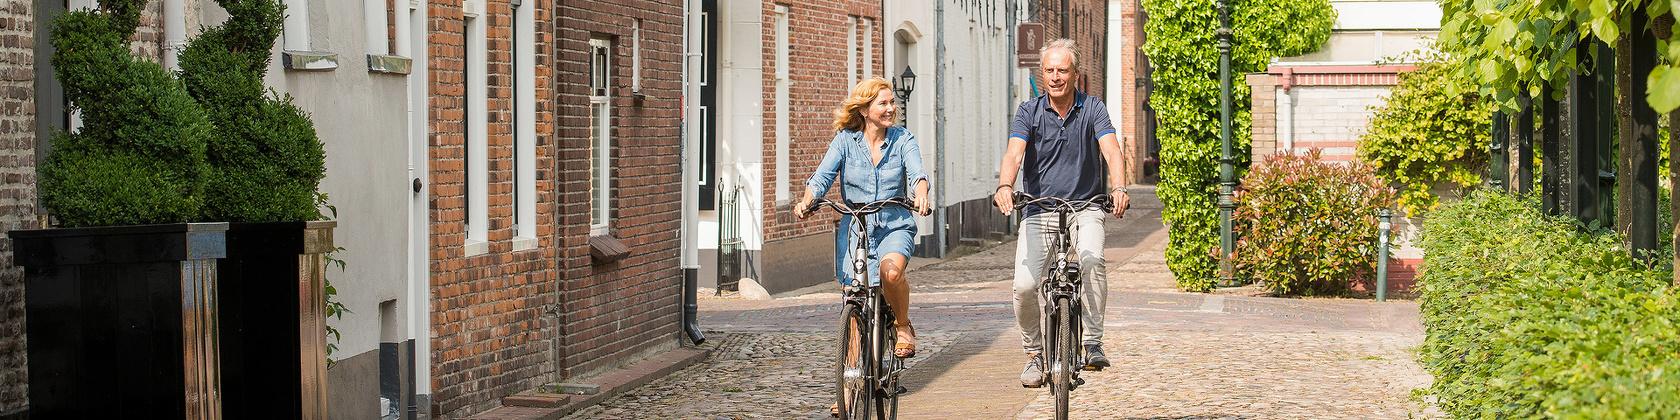 Fietsroute Groningen: door stad en natuur